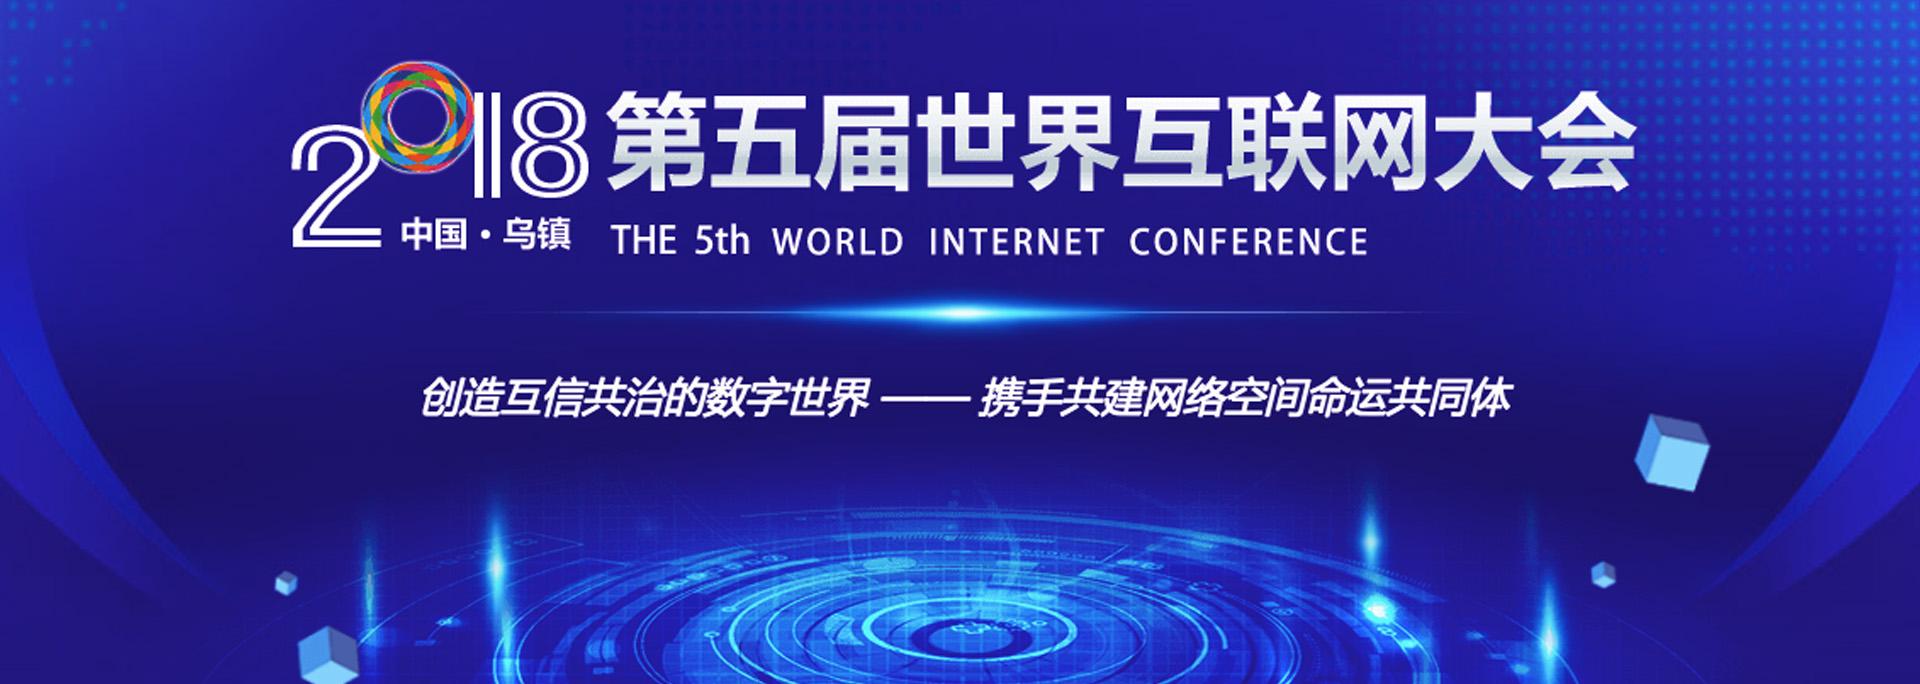 乌镇世界互联网大会 | 同盾蒋韬发表演讲--数字经济时代下的金融智能化转型